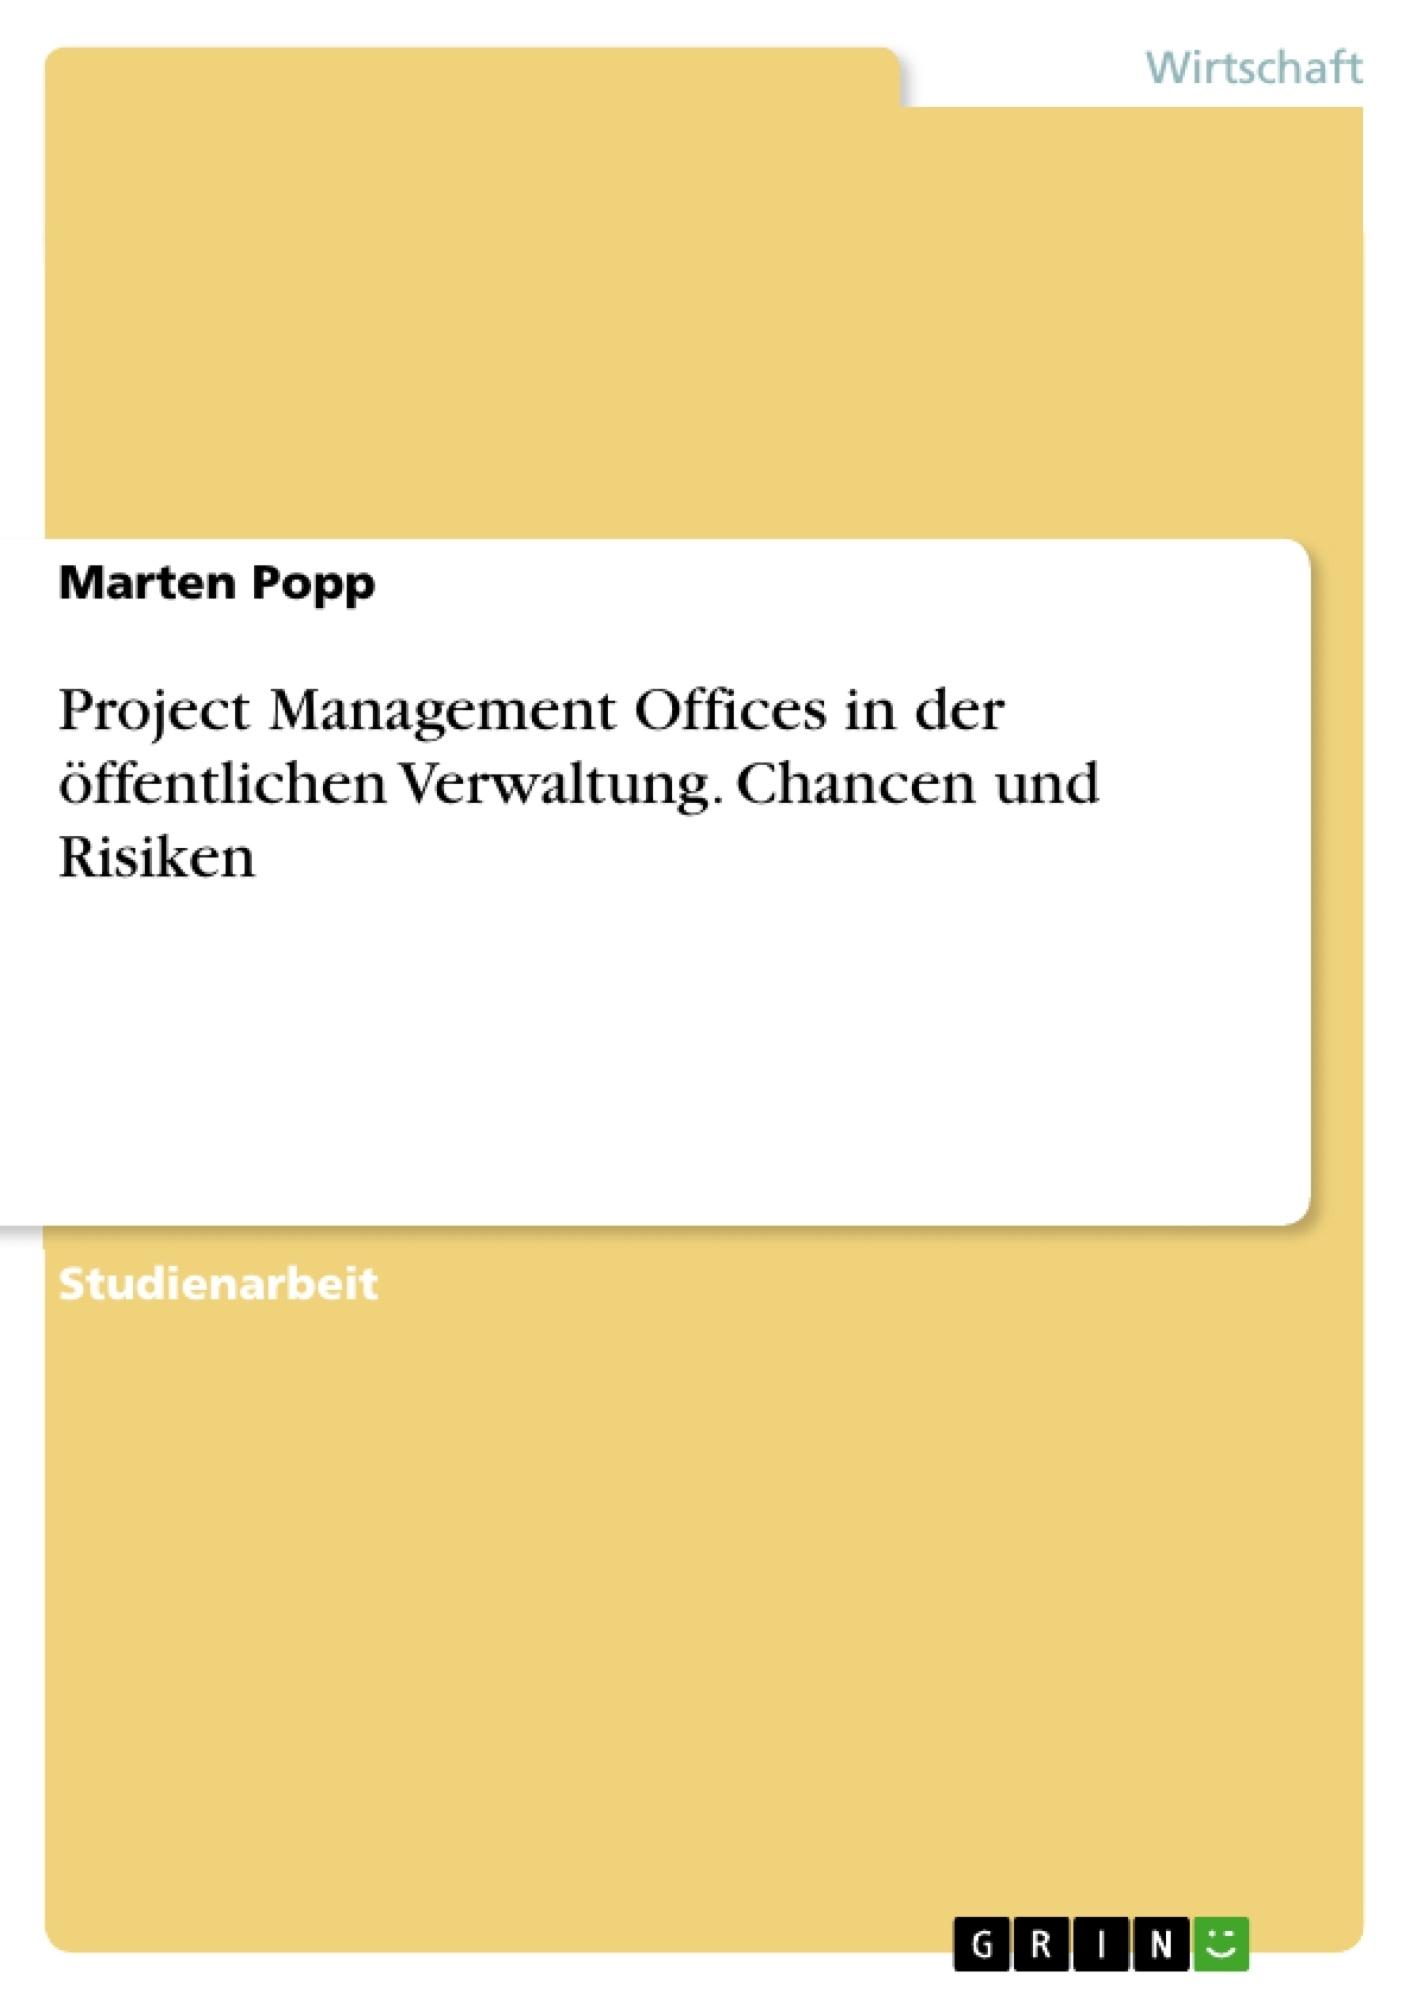 Titel: Project Management Offices in der öffentlichen Verwaltung. Chancen und Risiken